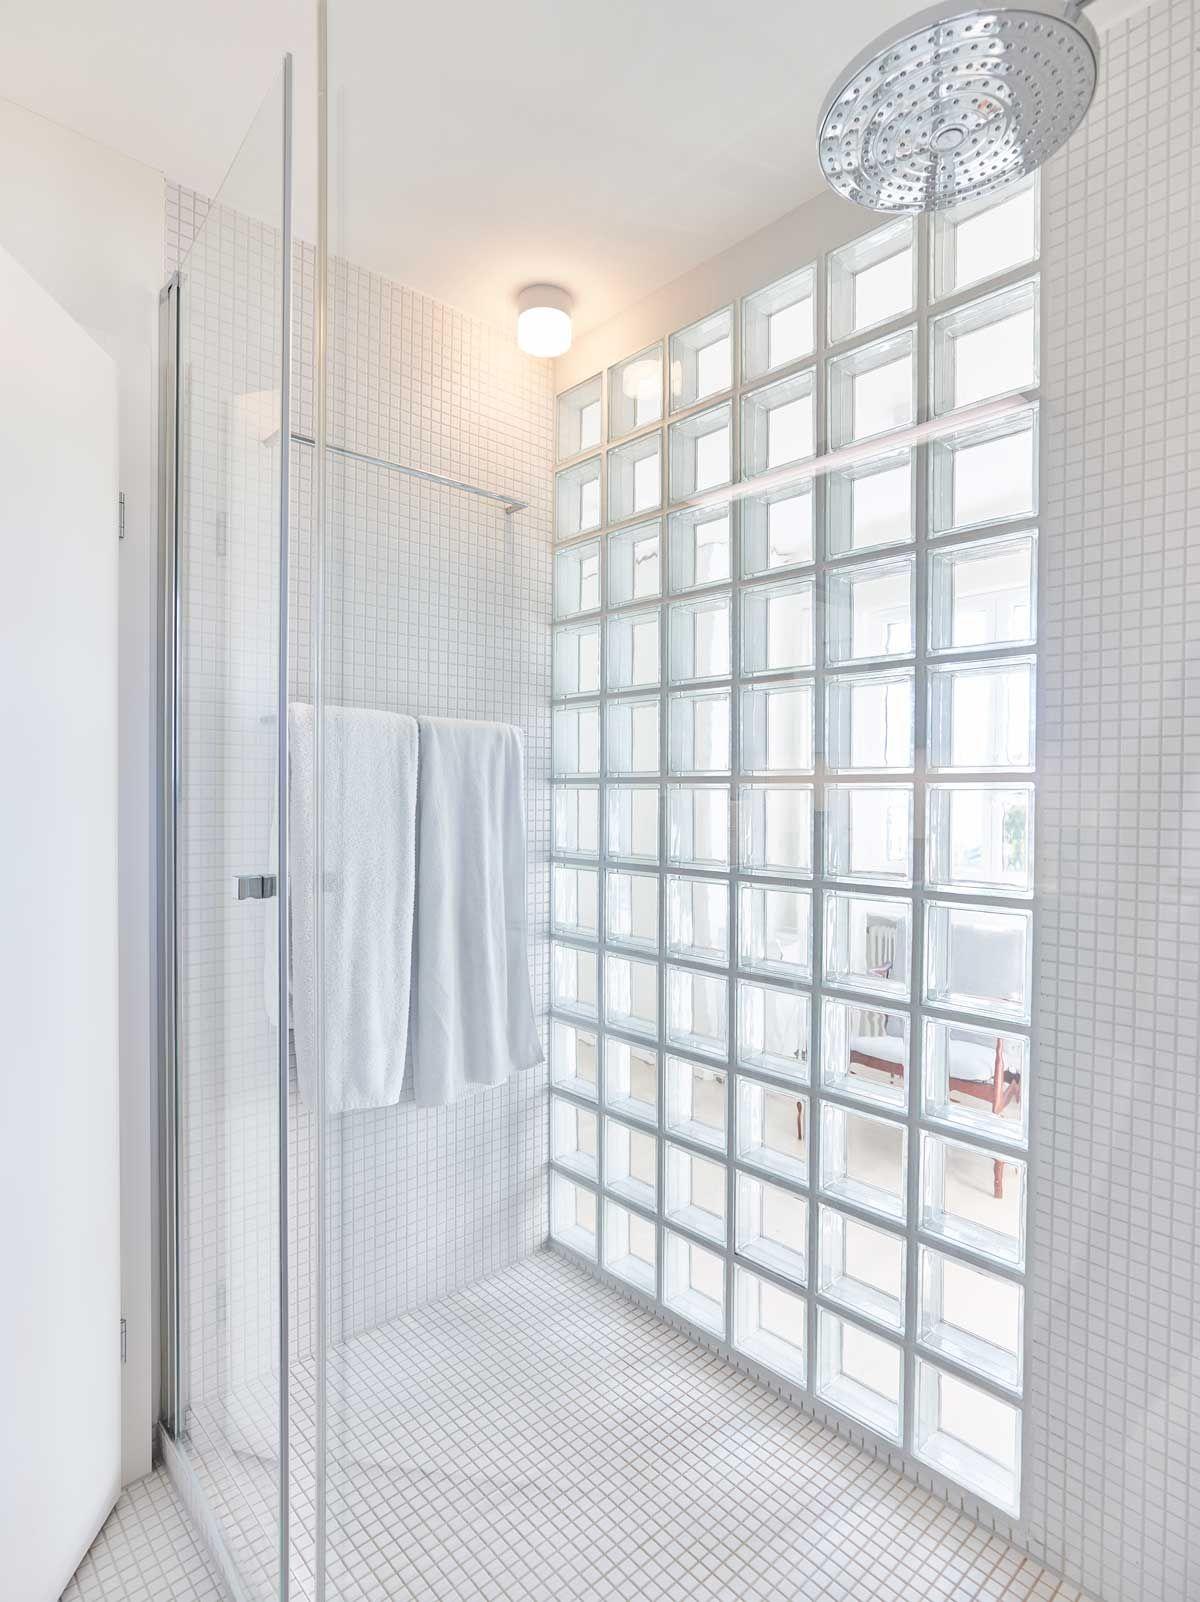 umbau privathaus dusche mit glasbausteinen innenarchitektur marc briefer gmbh foto zeljko. Black Bedroom Furniture Sets. Home Design Ideas